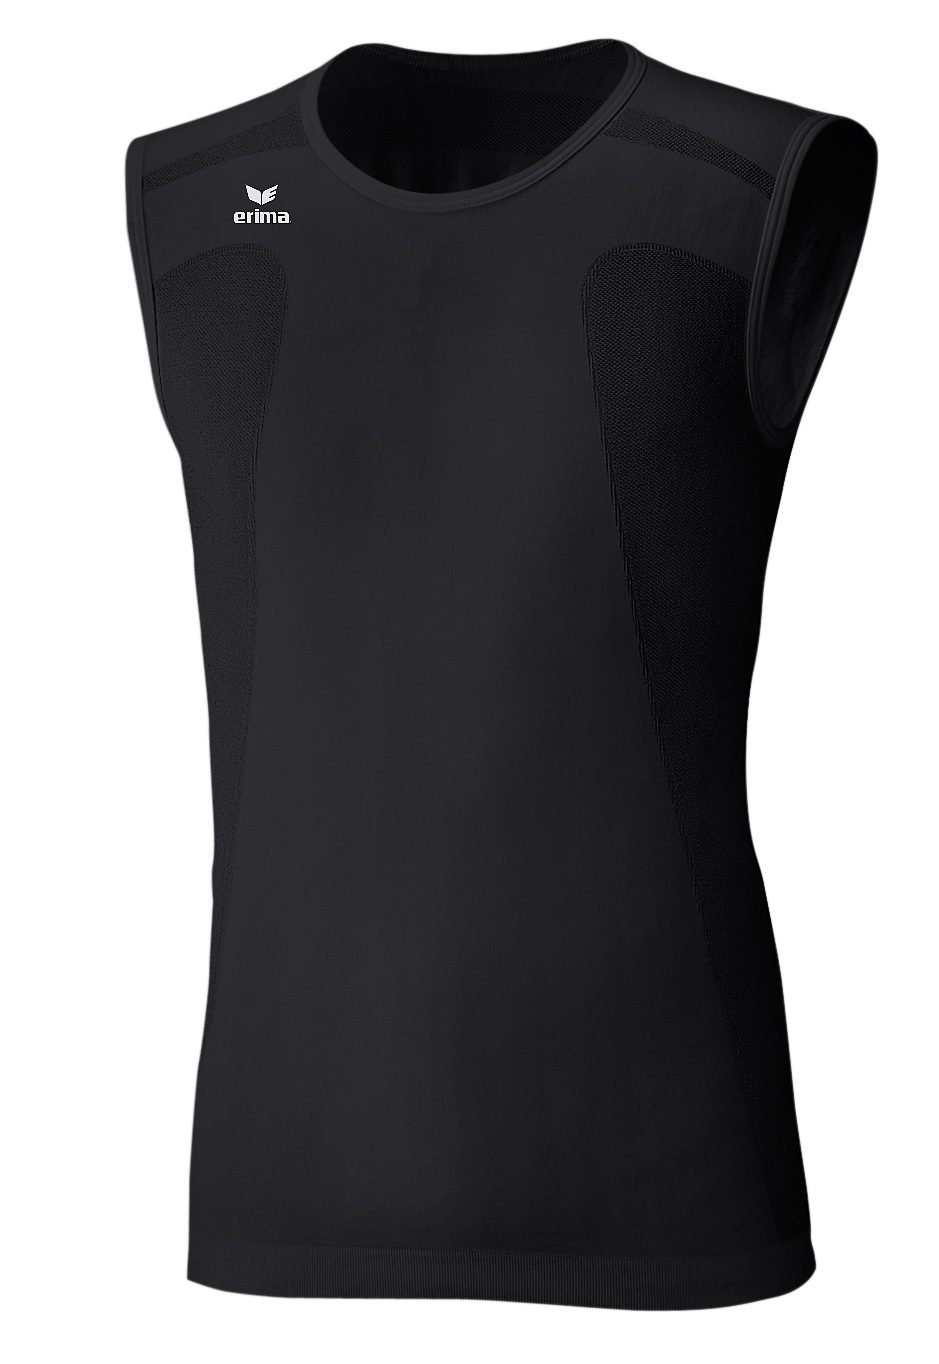 Herren Kaufen Tank Support Underwear Top Erima roBCedx